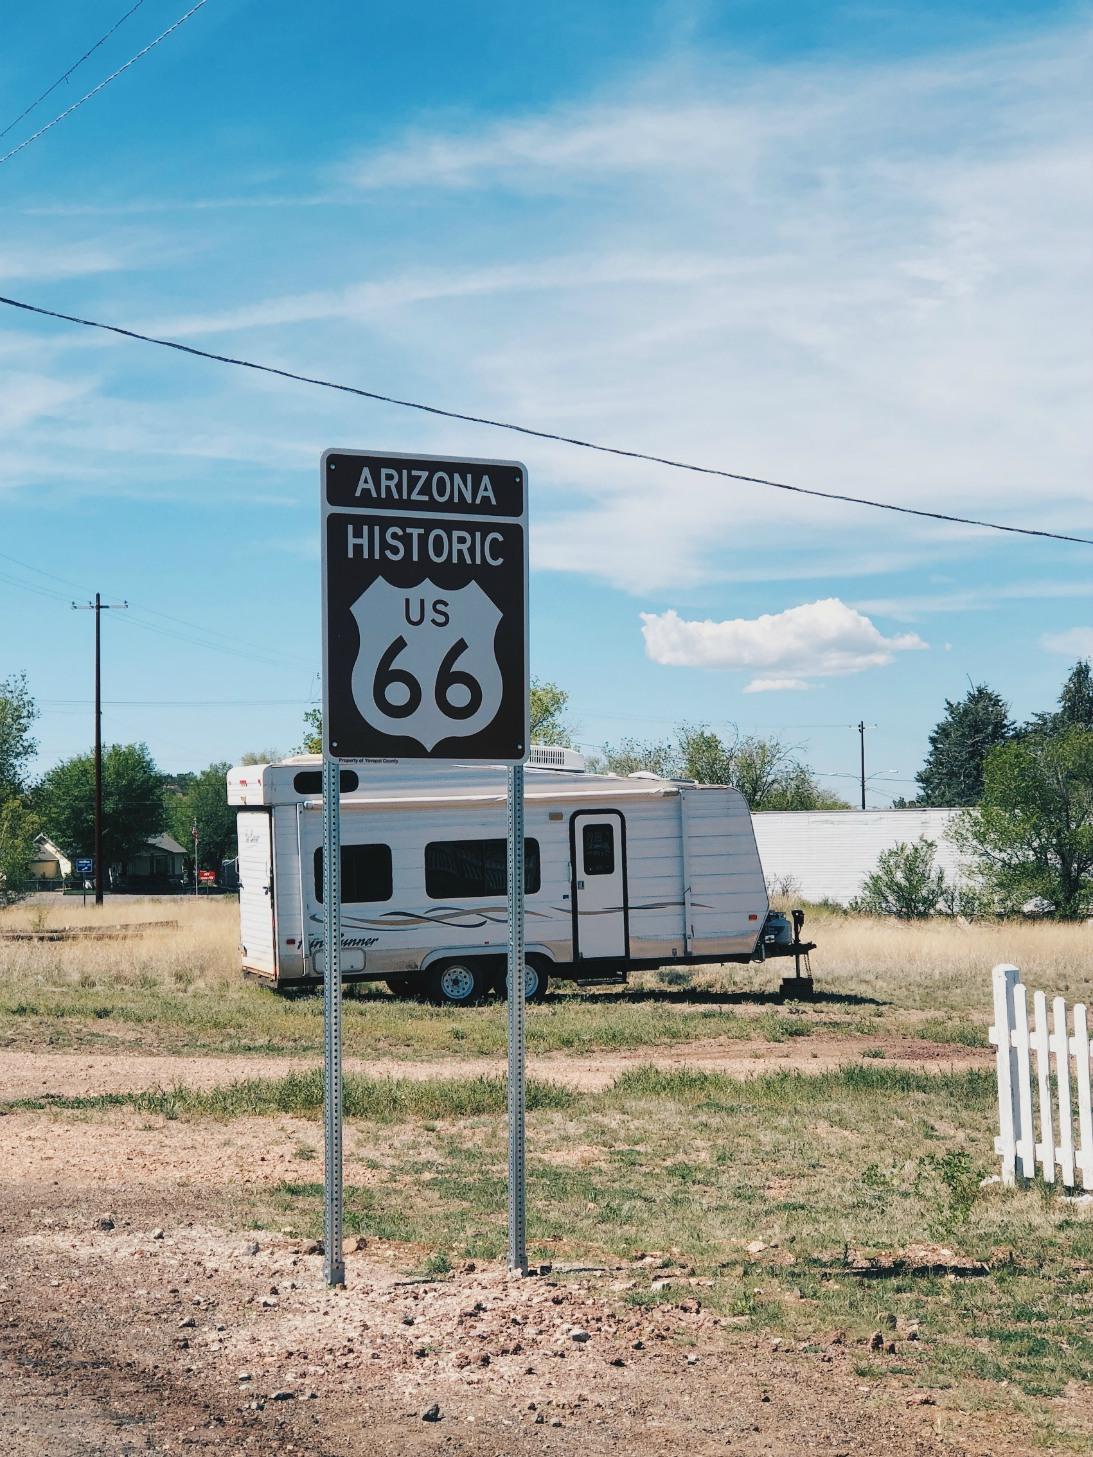 Yritimme seurata sitä aitoa U.S. Route 66:ä niin paljon kuin pystyimme. Aina välillä oli kuitenkin pakko ottaa jonkunlainen kiertotie.